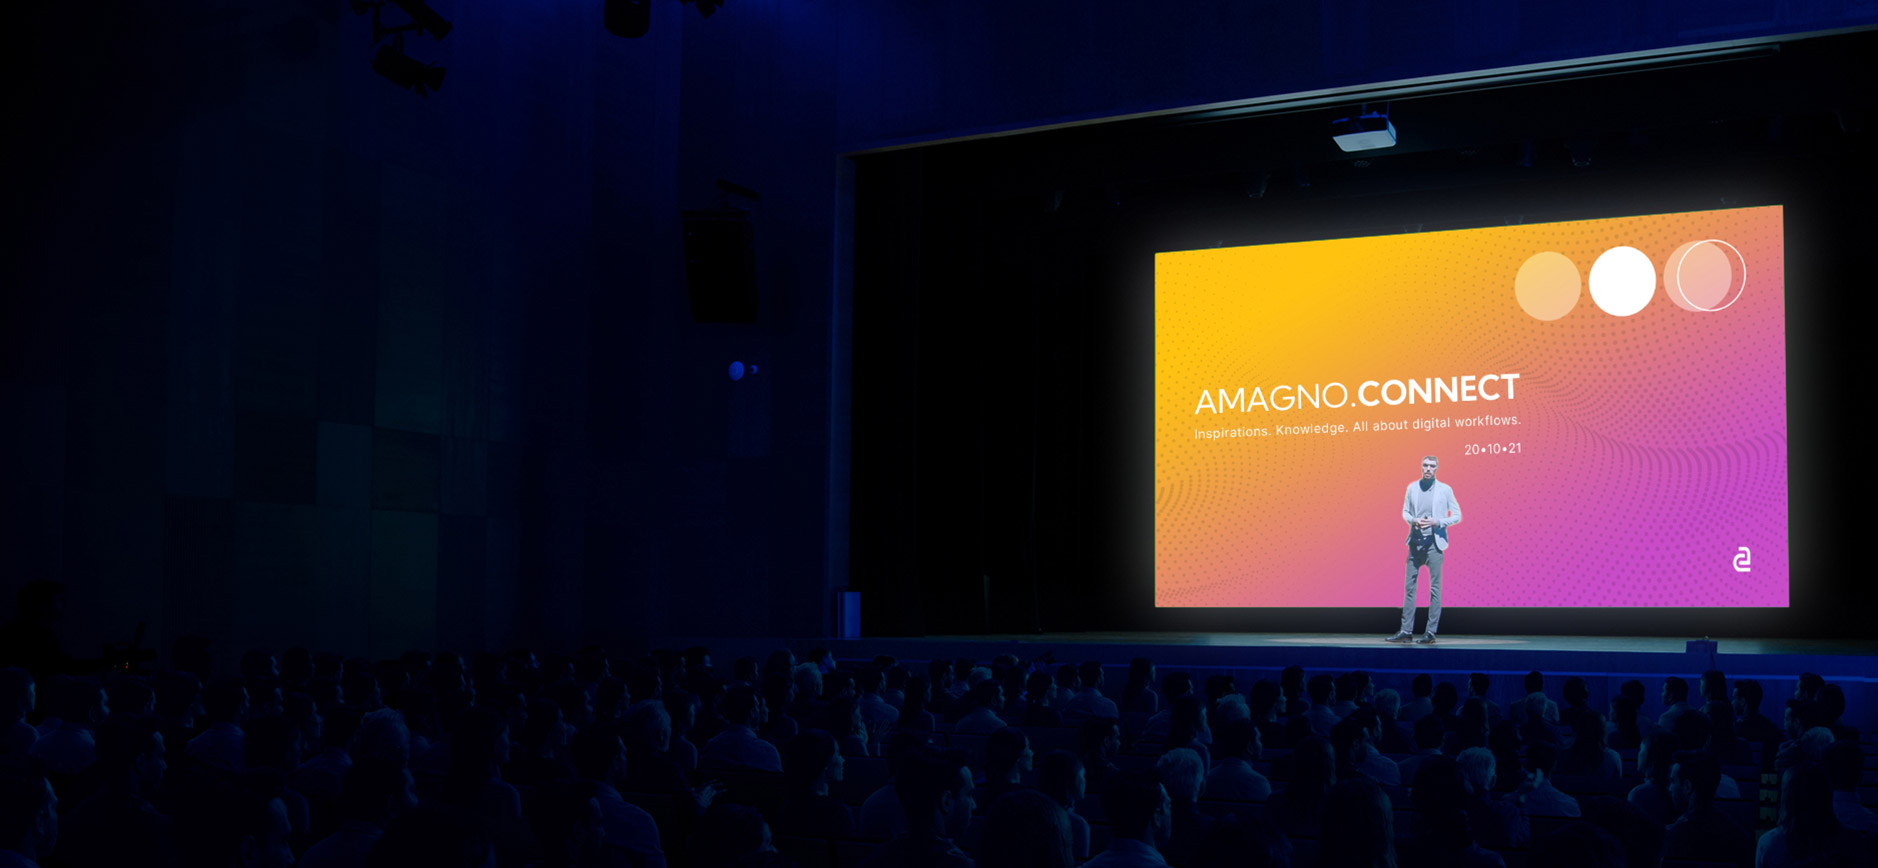 Danke, Amagno.Connect 2021! Bis zum nächsten Jahr.